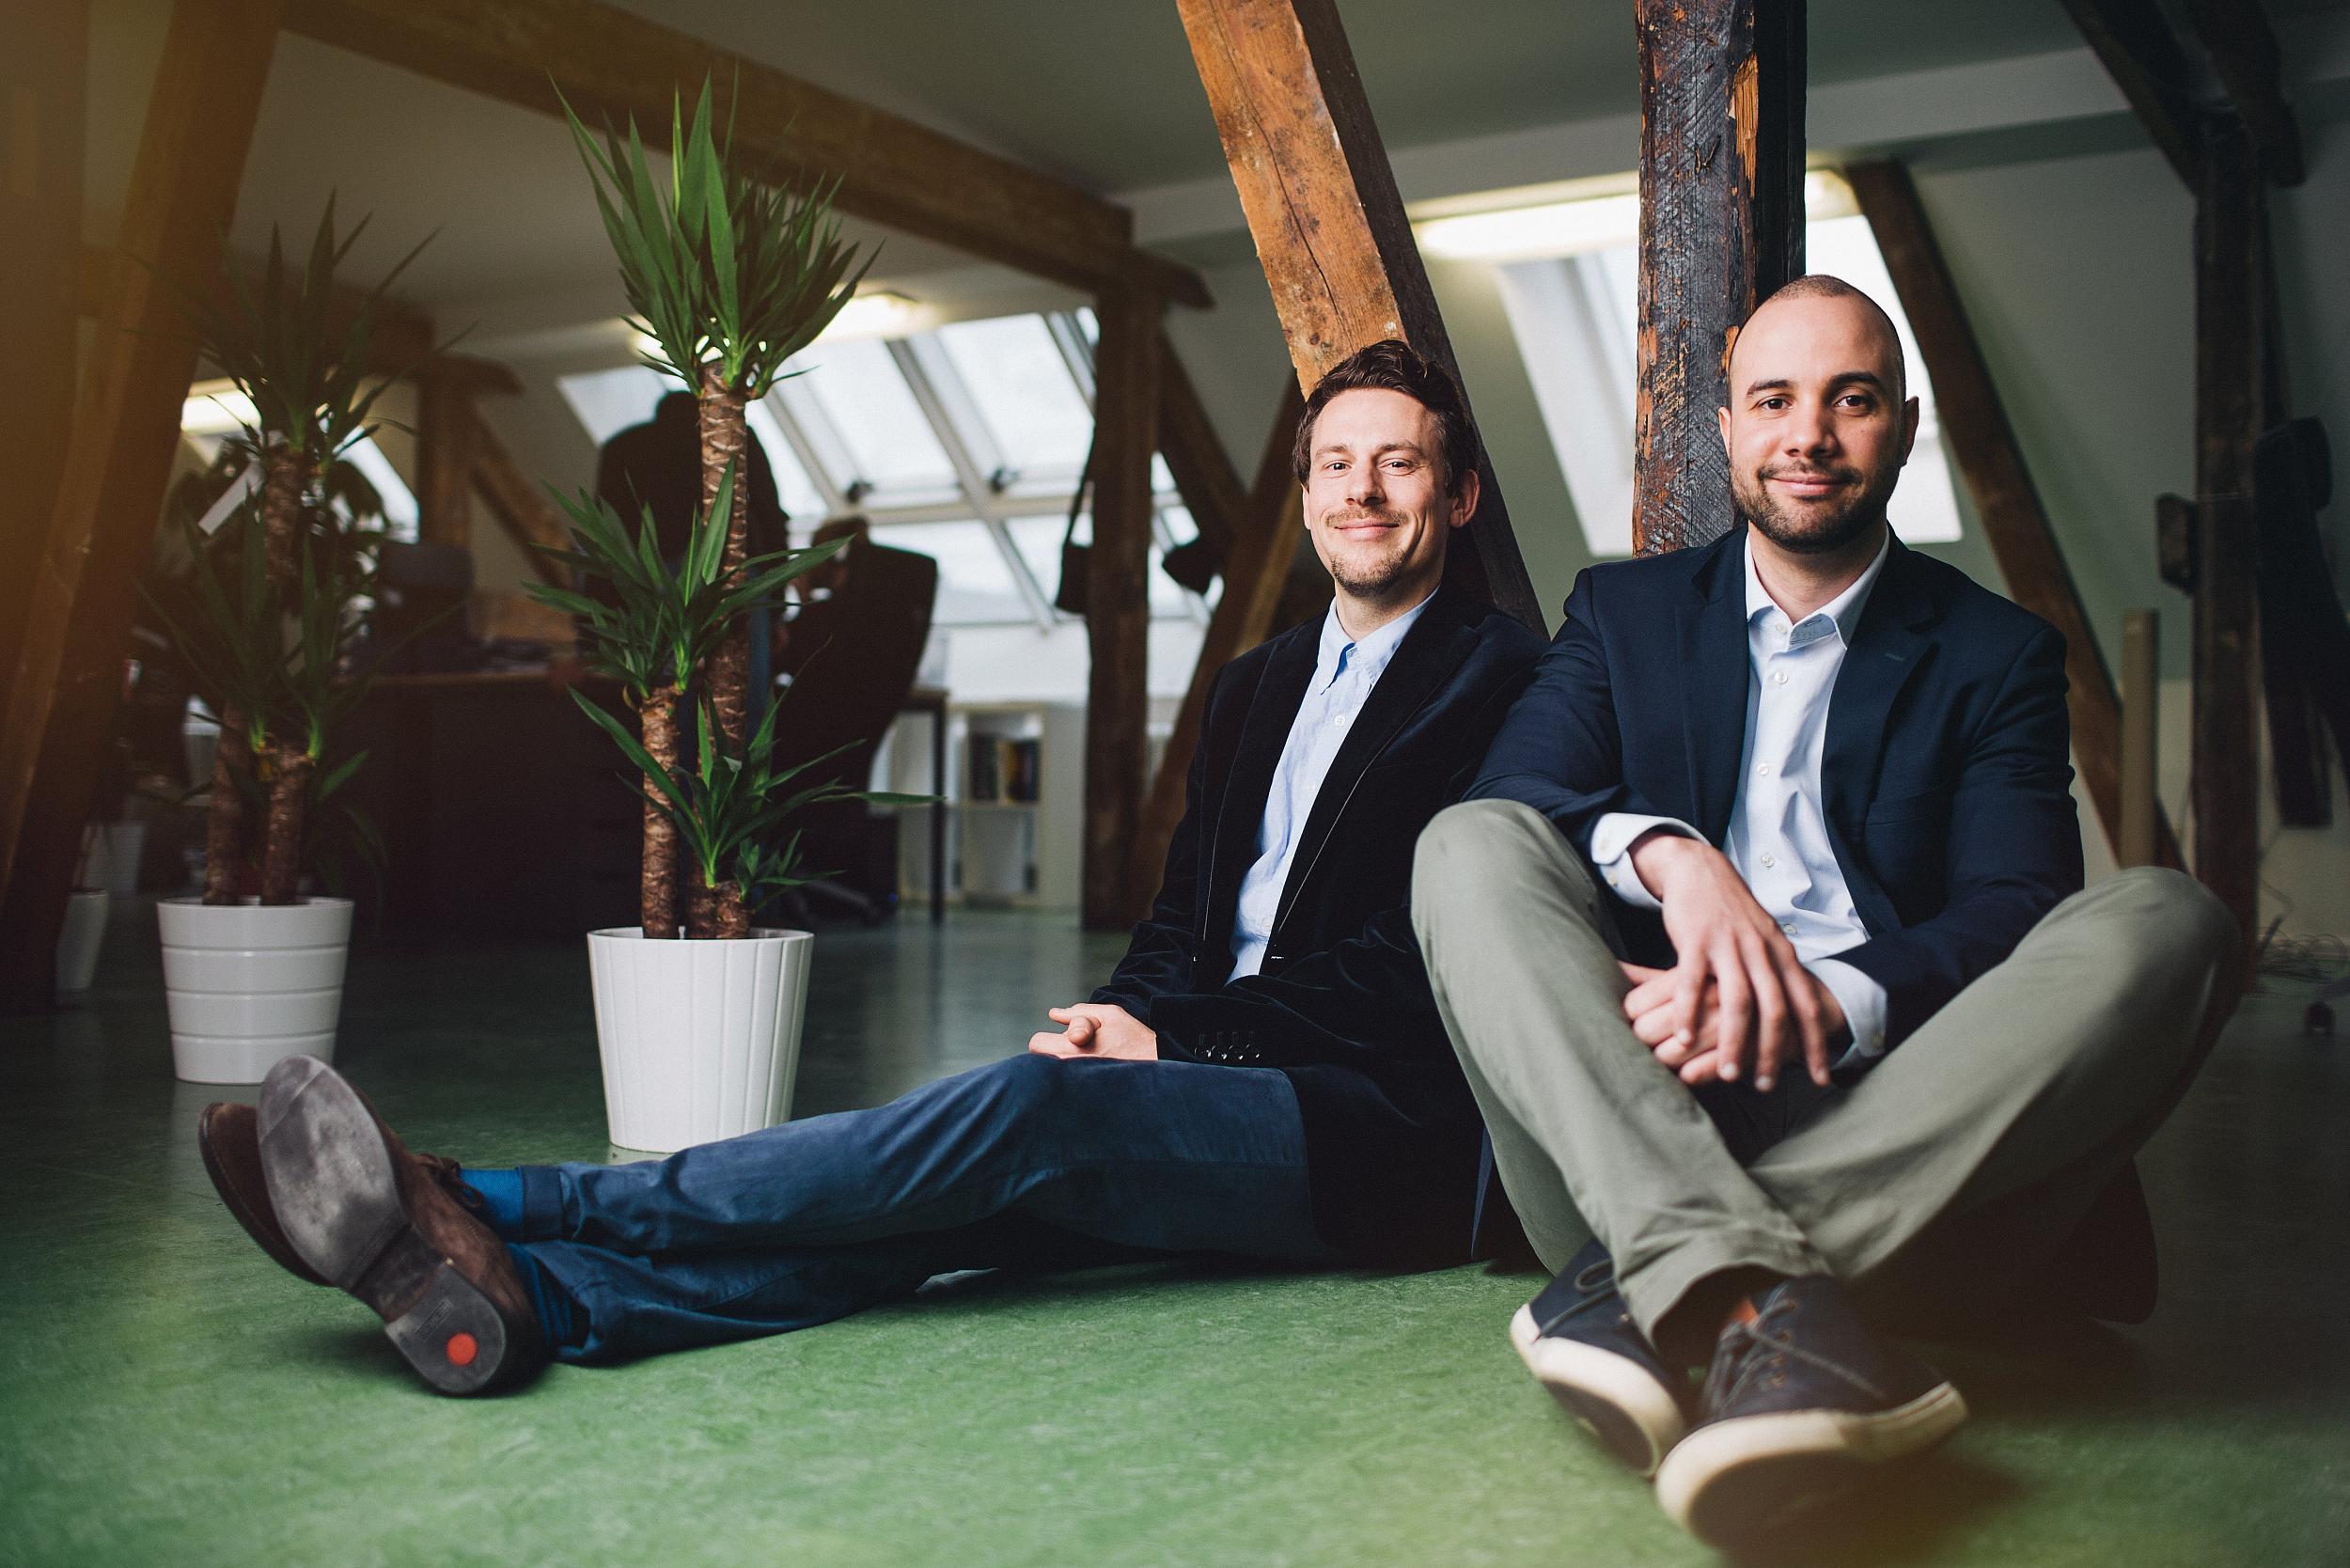 Wir wagen uns in eine völlig neue Dimension der Startup-Finanzierung vor | Companisto Blog